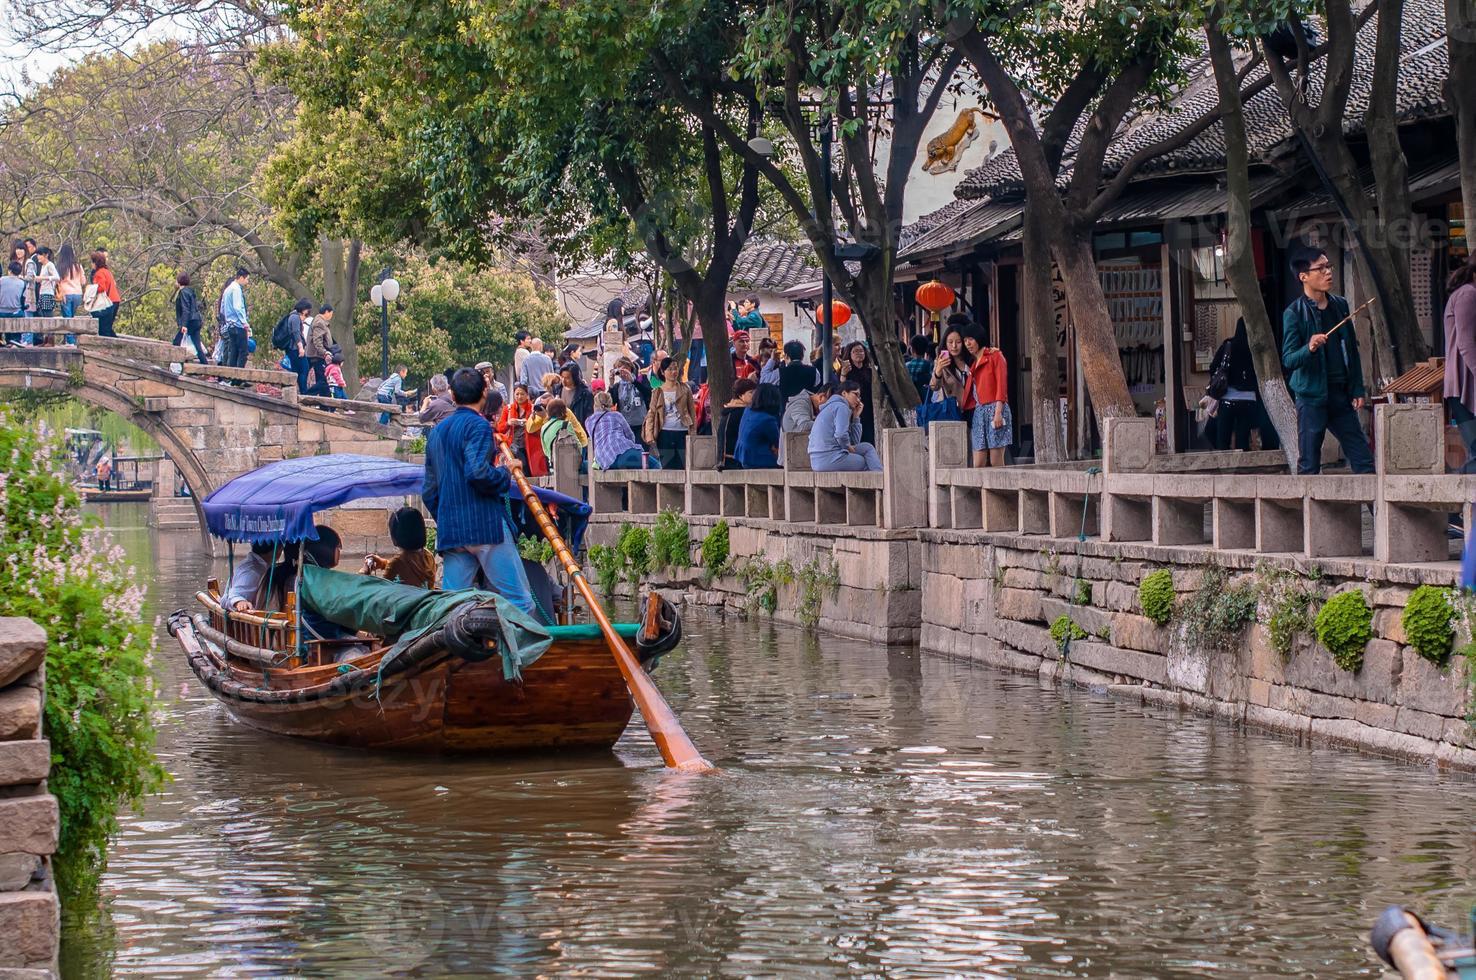 pueblo de agua más antiguo de china foto